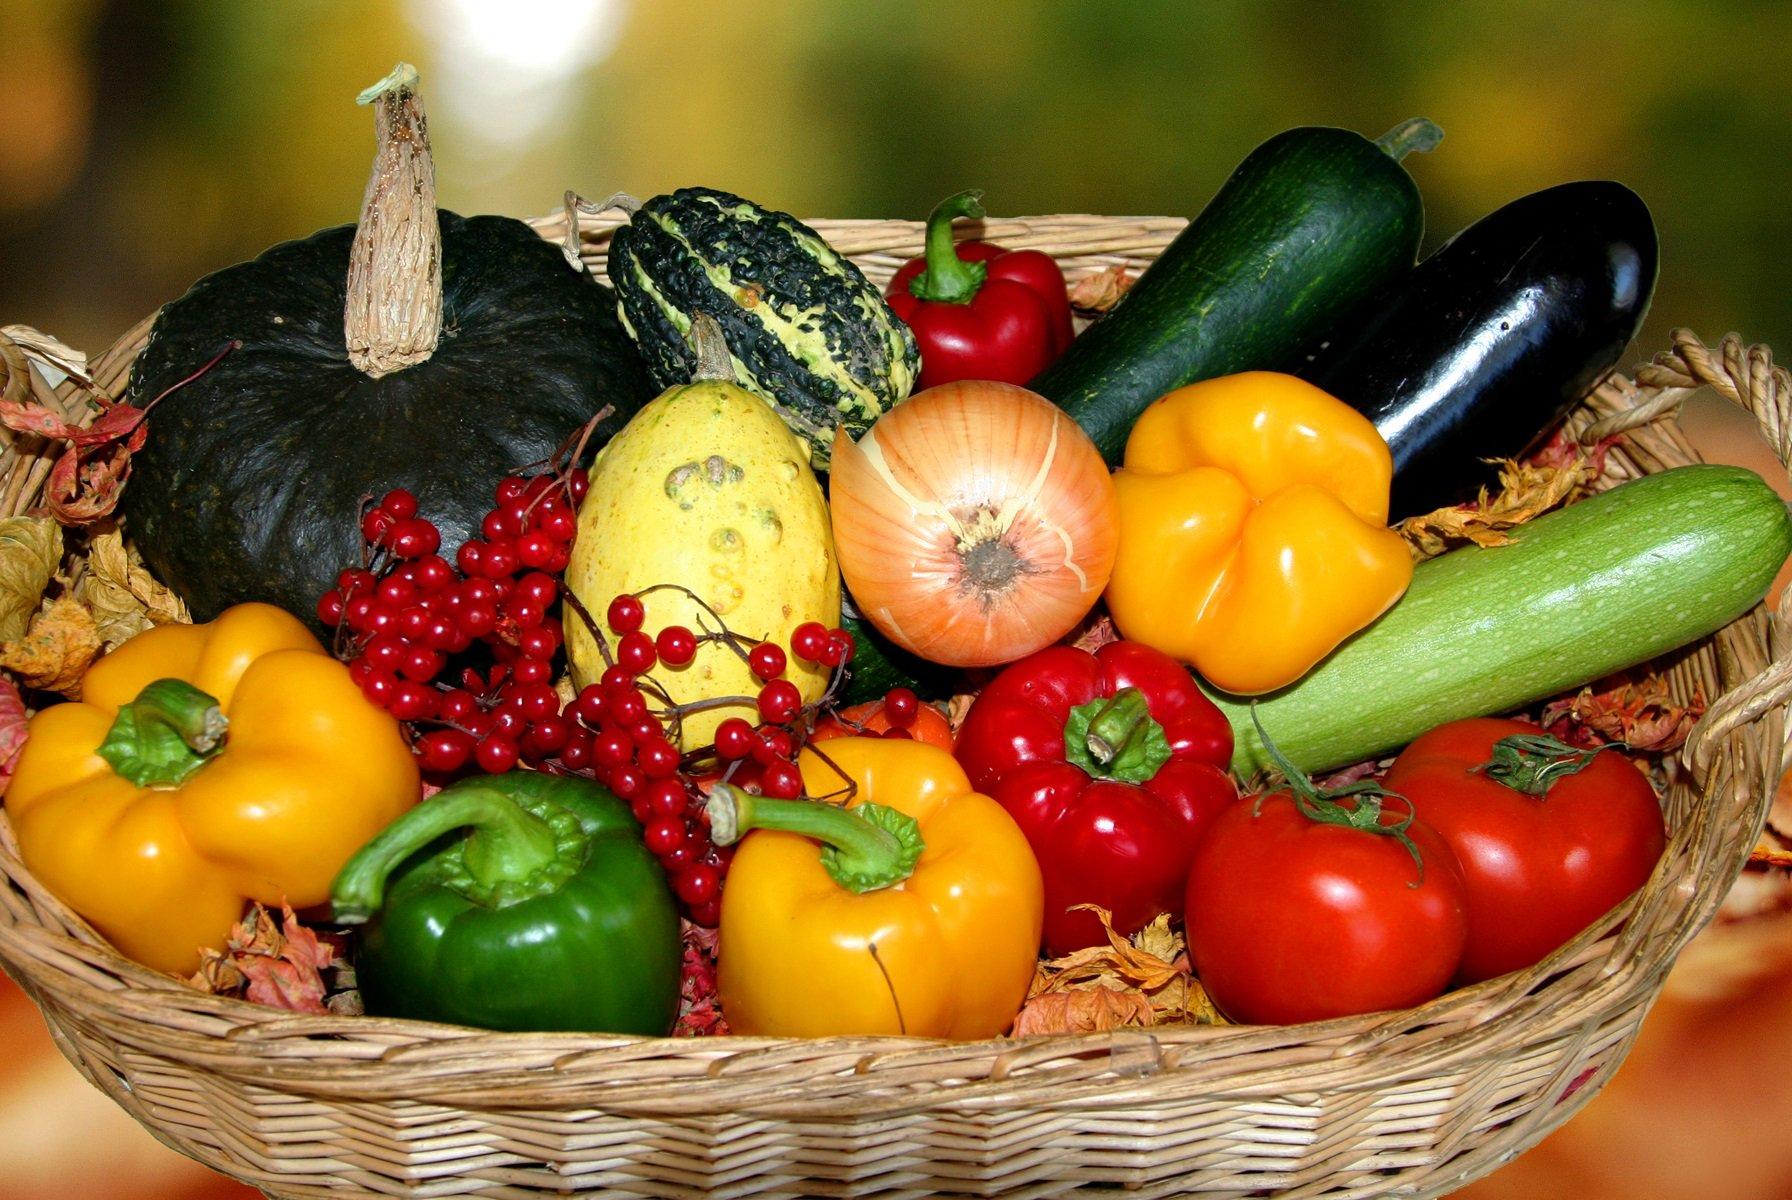 Фрукты и овощи осенние картинки